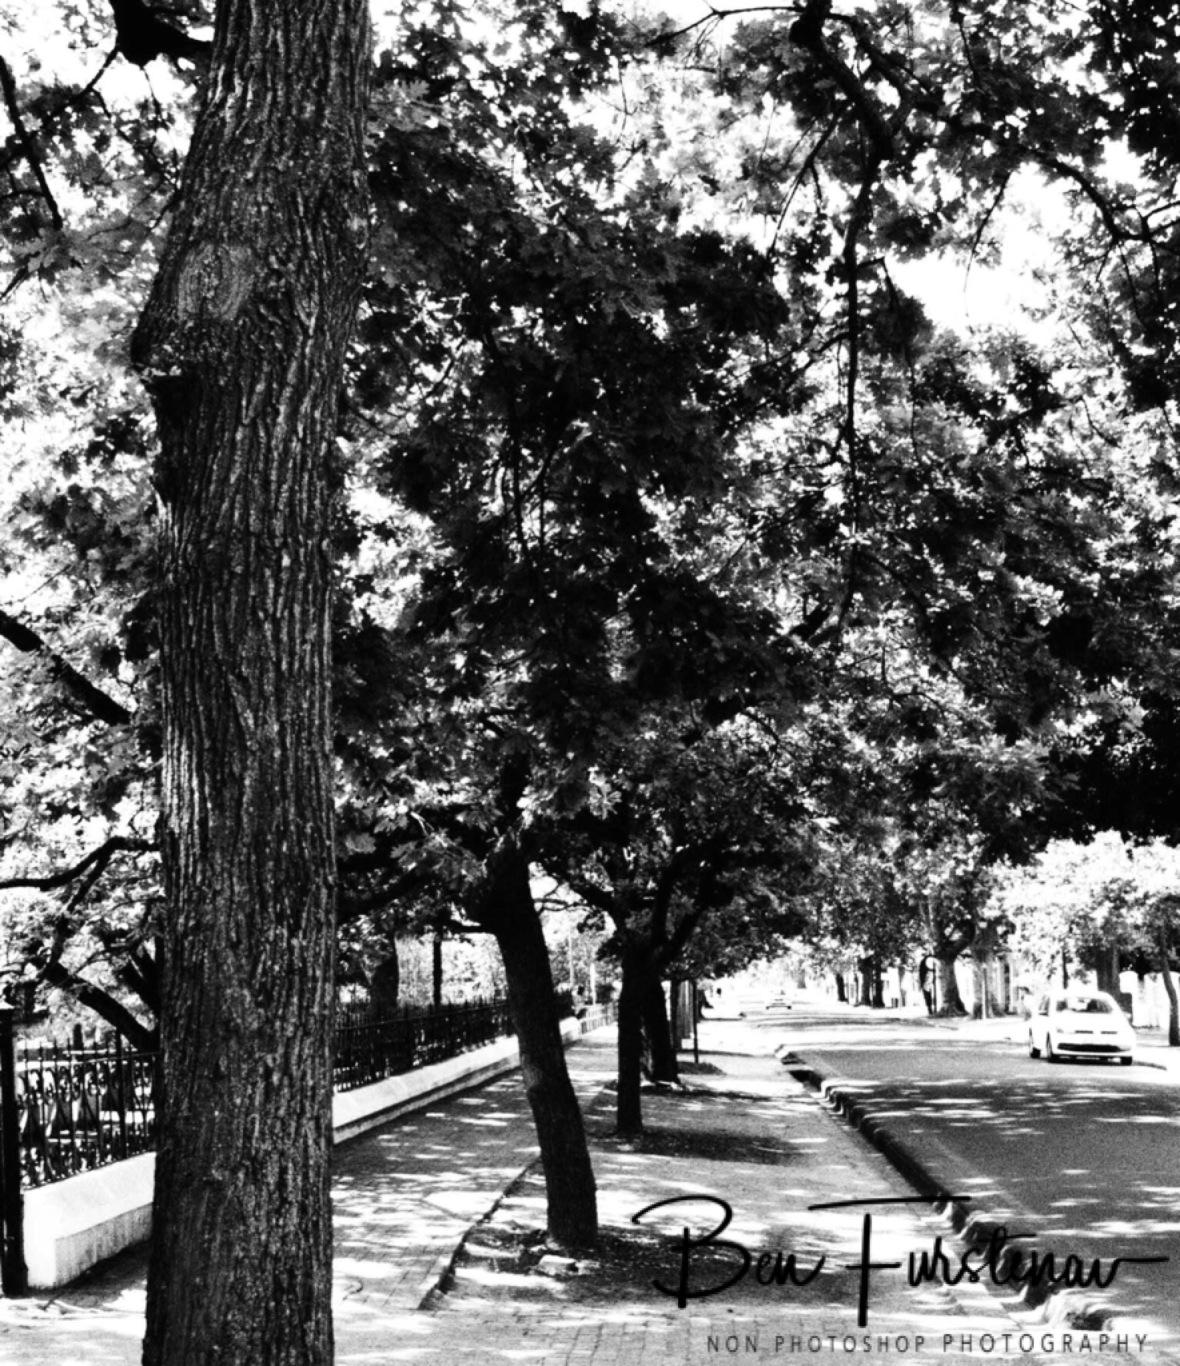 Oak tree alley along streets in Stellenbosch